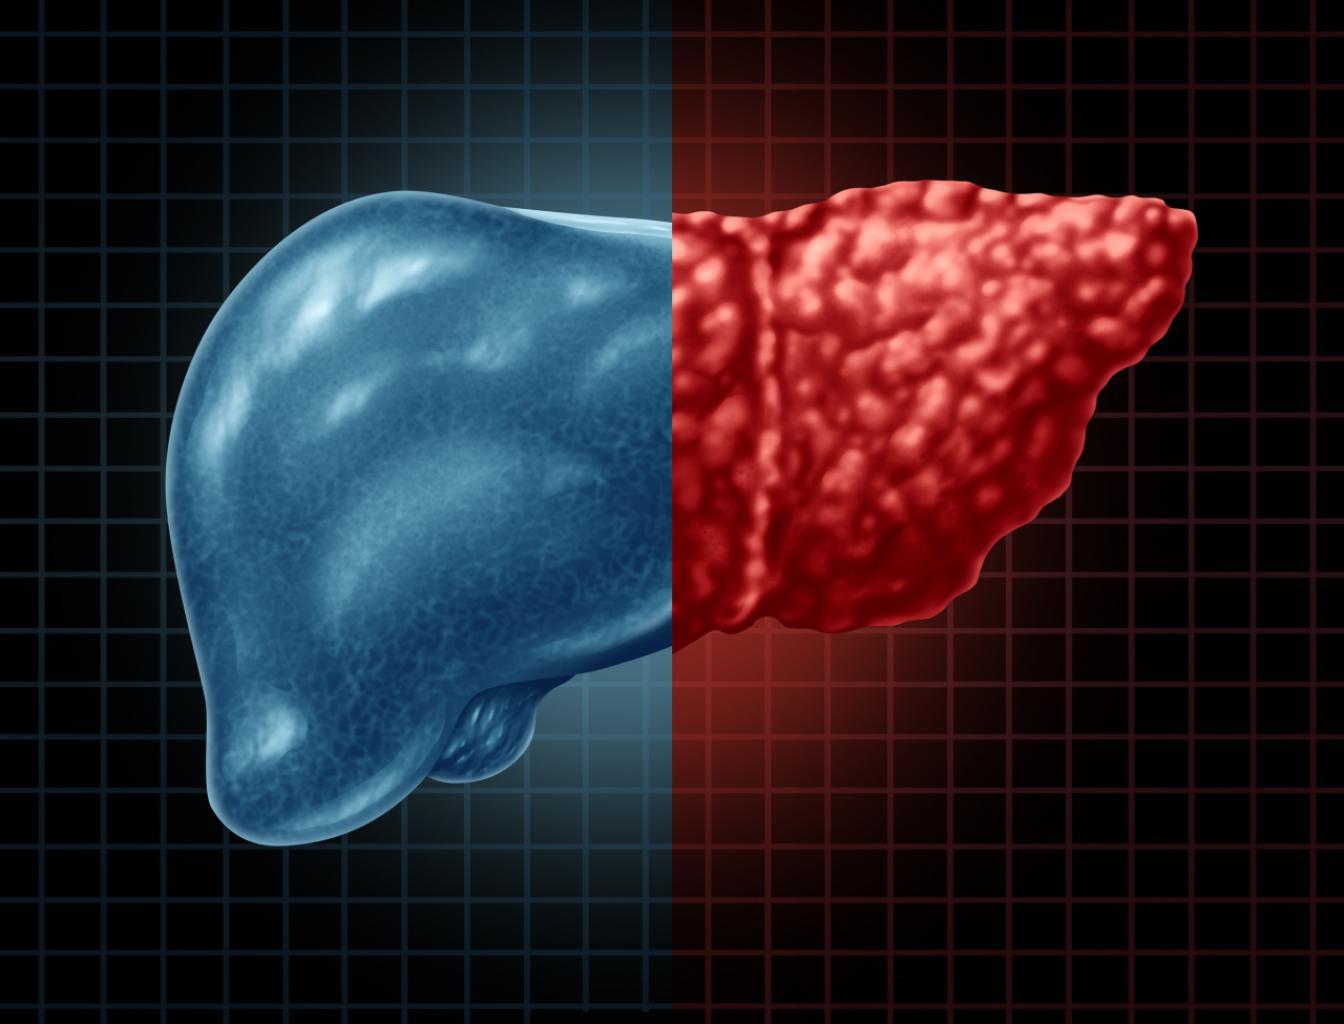 摄图网_301683966_作为消化系统解剖和三维插图样式消化功能重要器官的医学保健概念一部分肝脏和病以及血胃身体是三维插图样式中消化功能的重要器官(非企业商用)